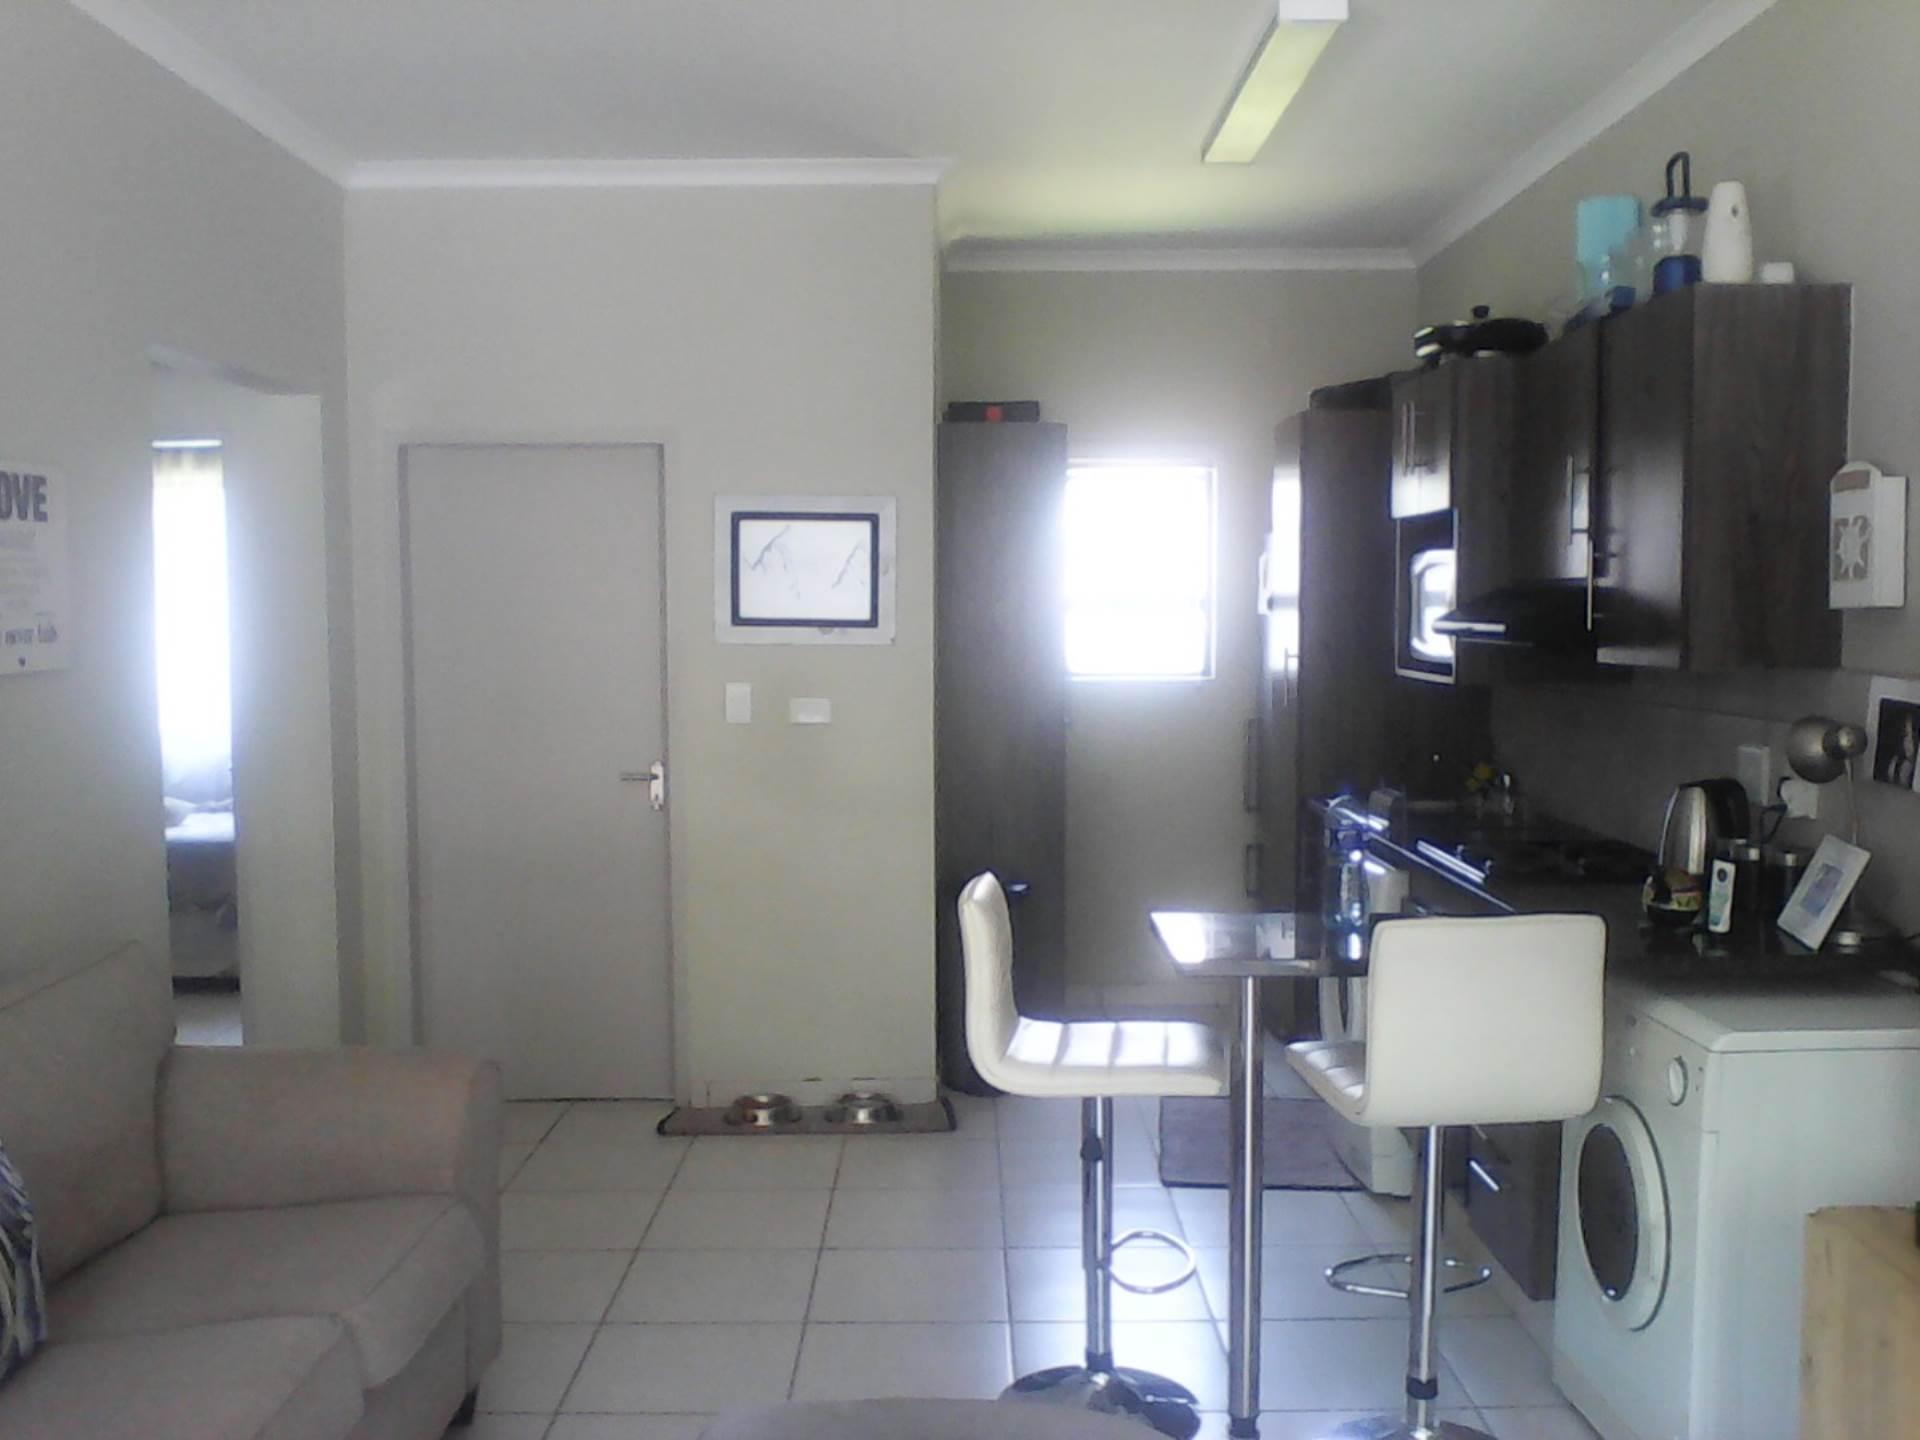 2 BedroomTownhouse To Rent In Cloverdene